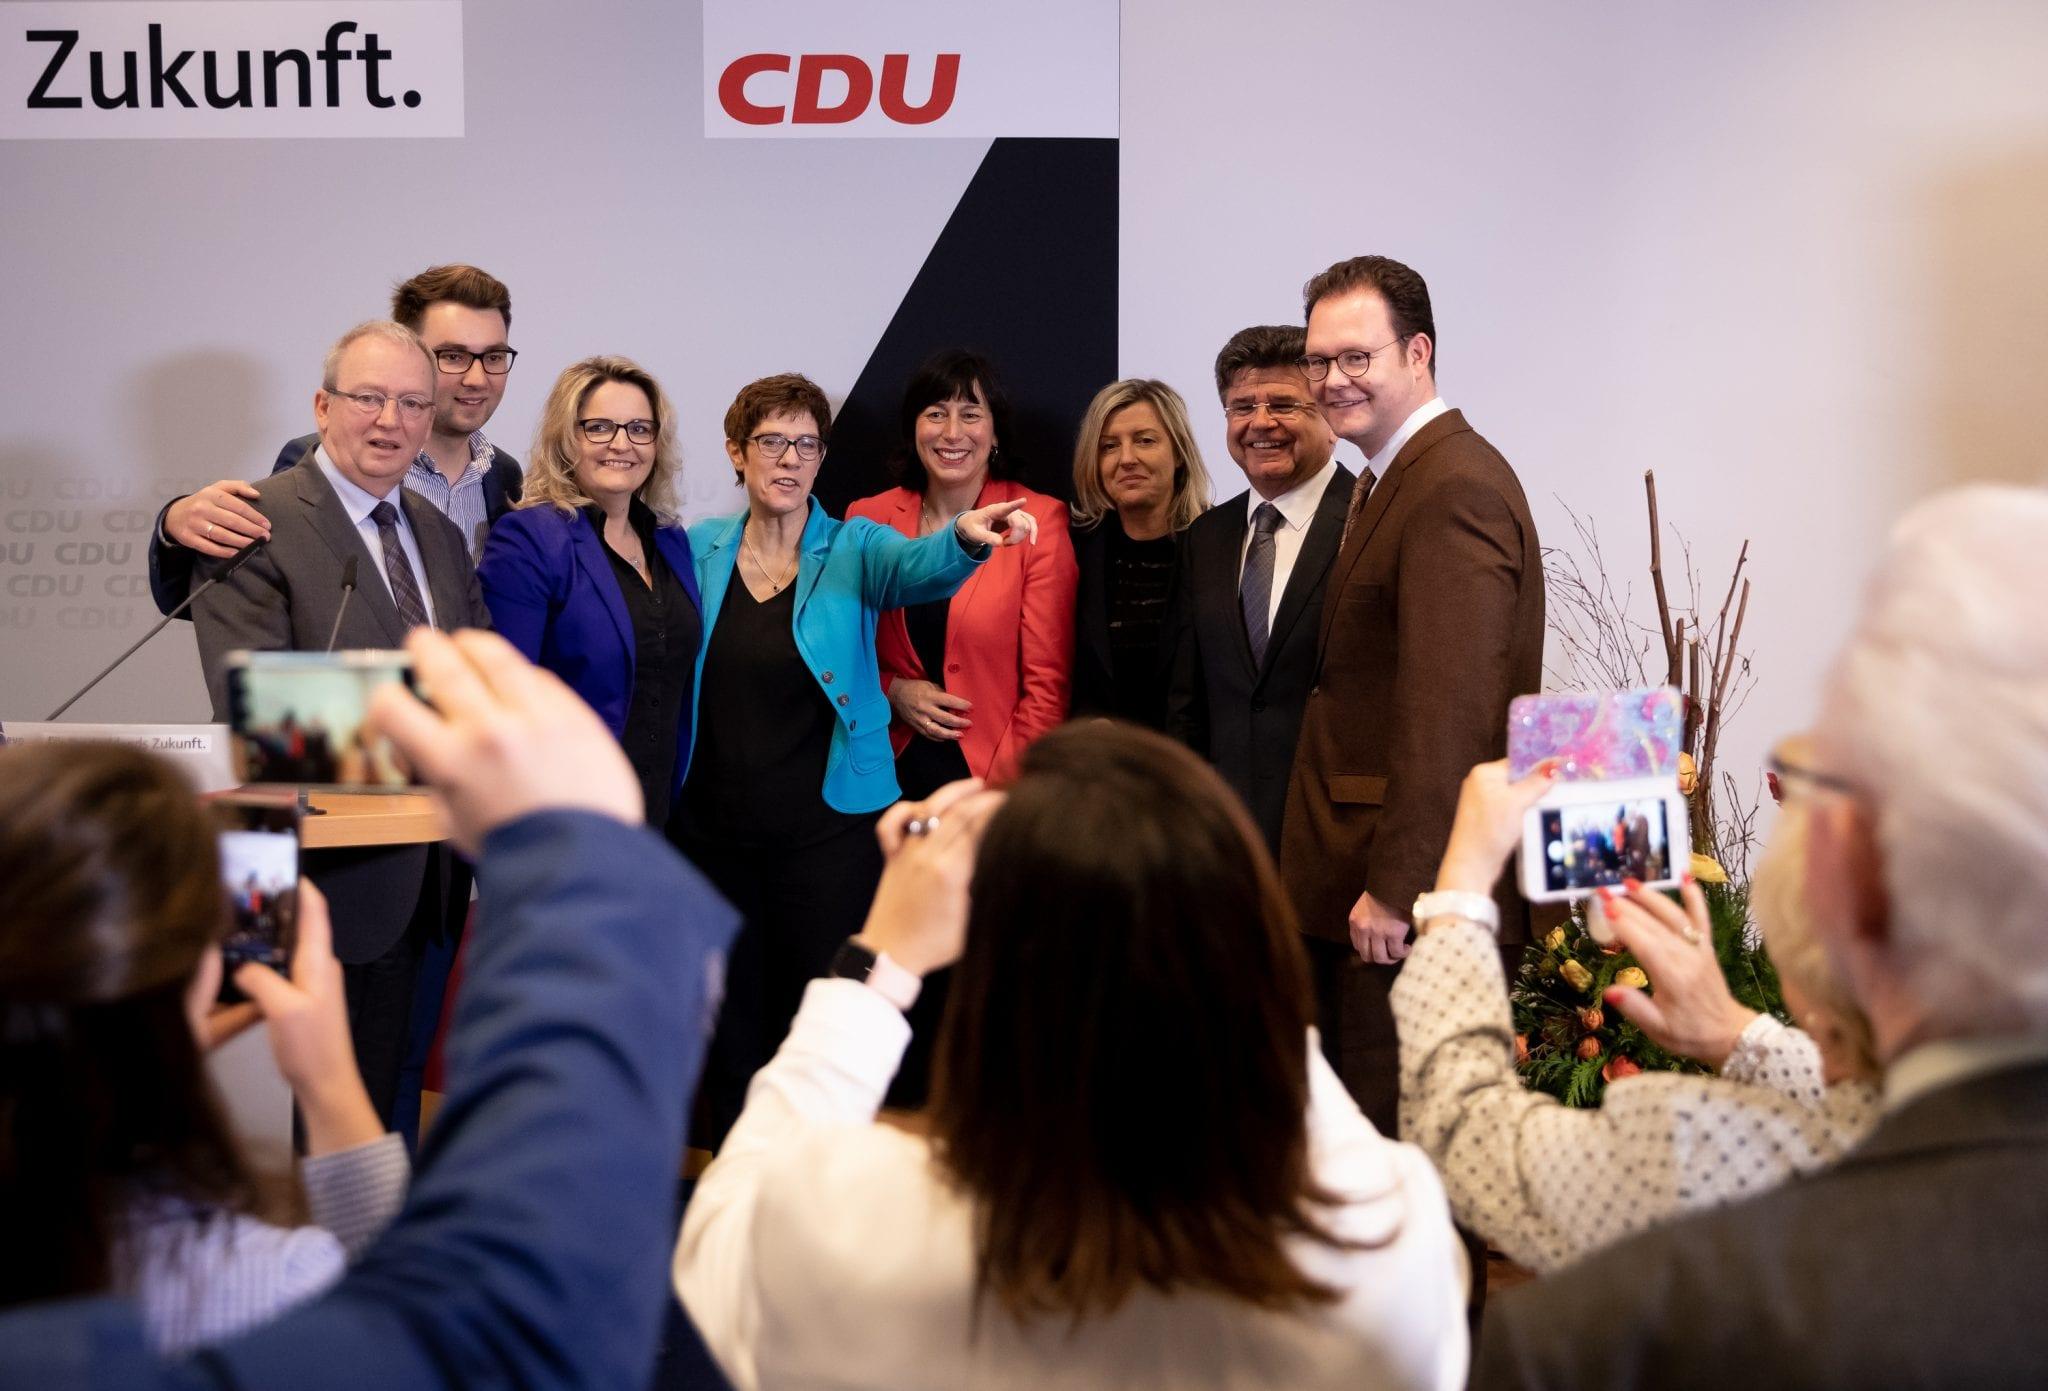 CDU/Tobias Koch